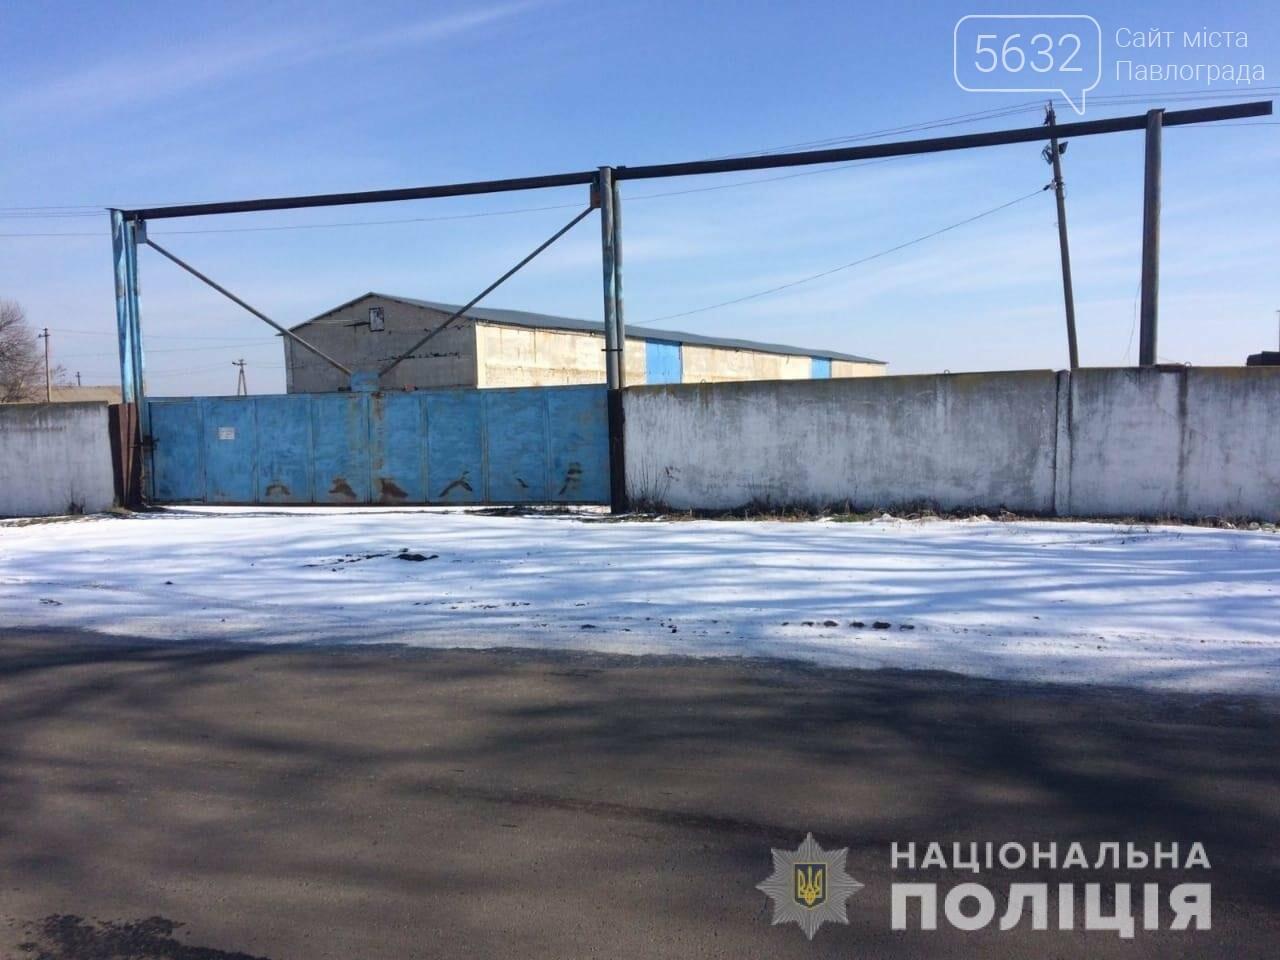 В Петропавловке местный житель украл 2 двигателя оросительной системы, фото-1